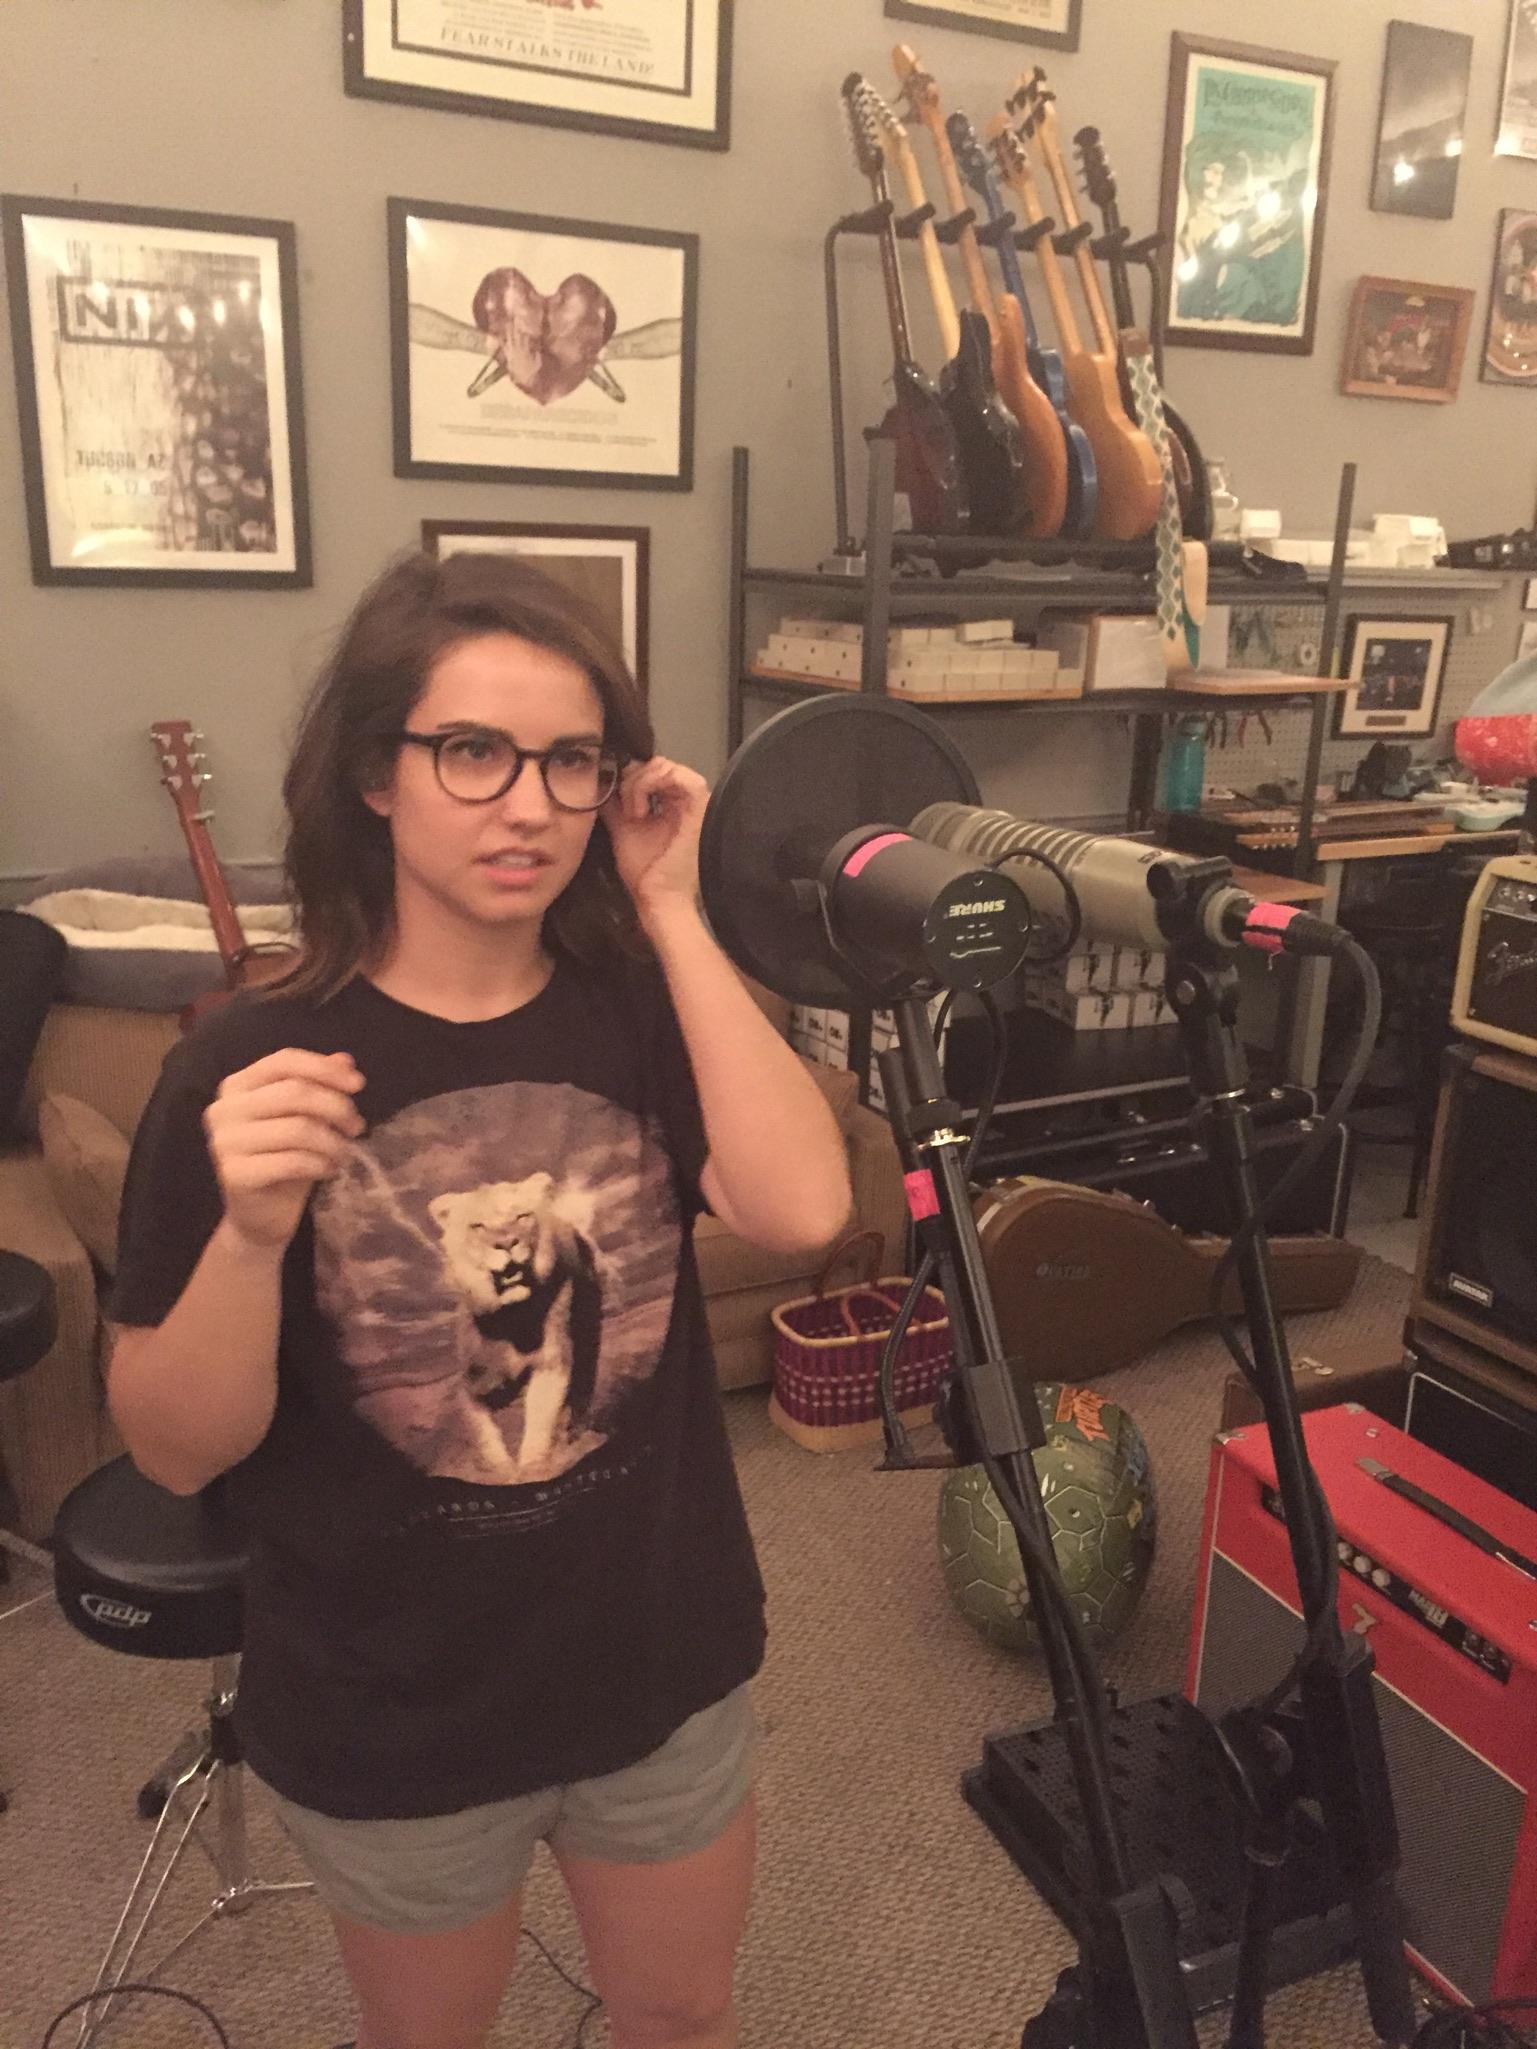 rachel recording vocals, looking kind of mad